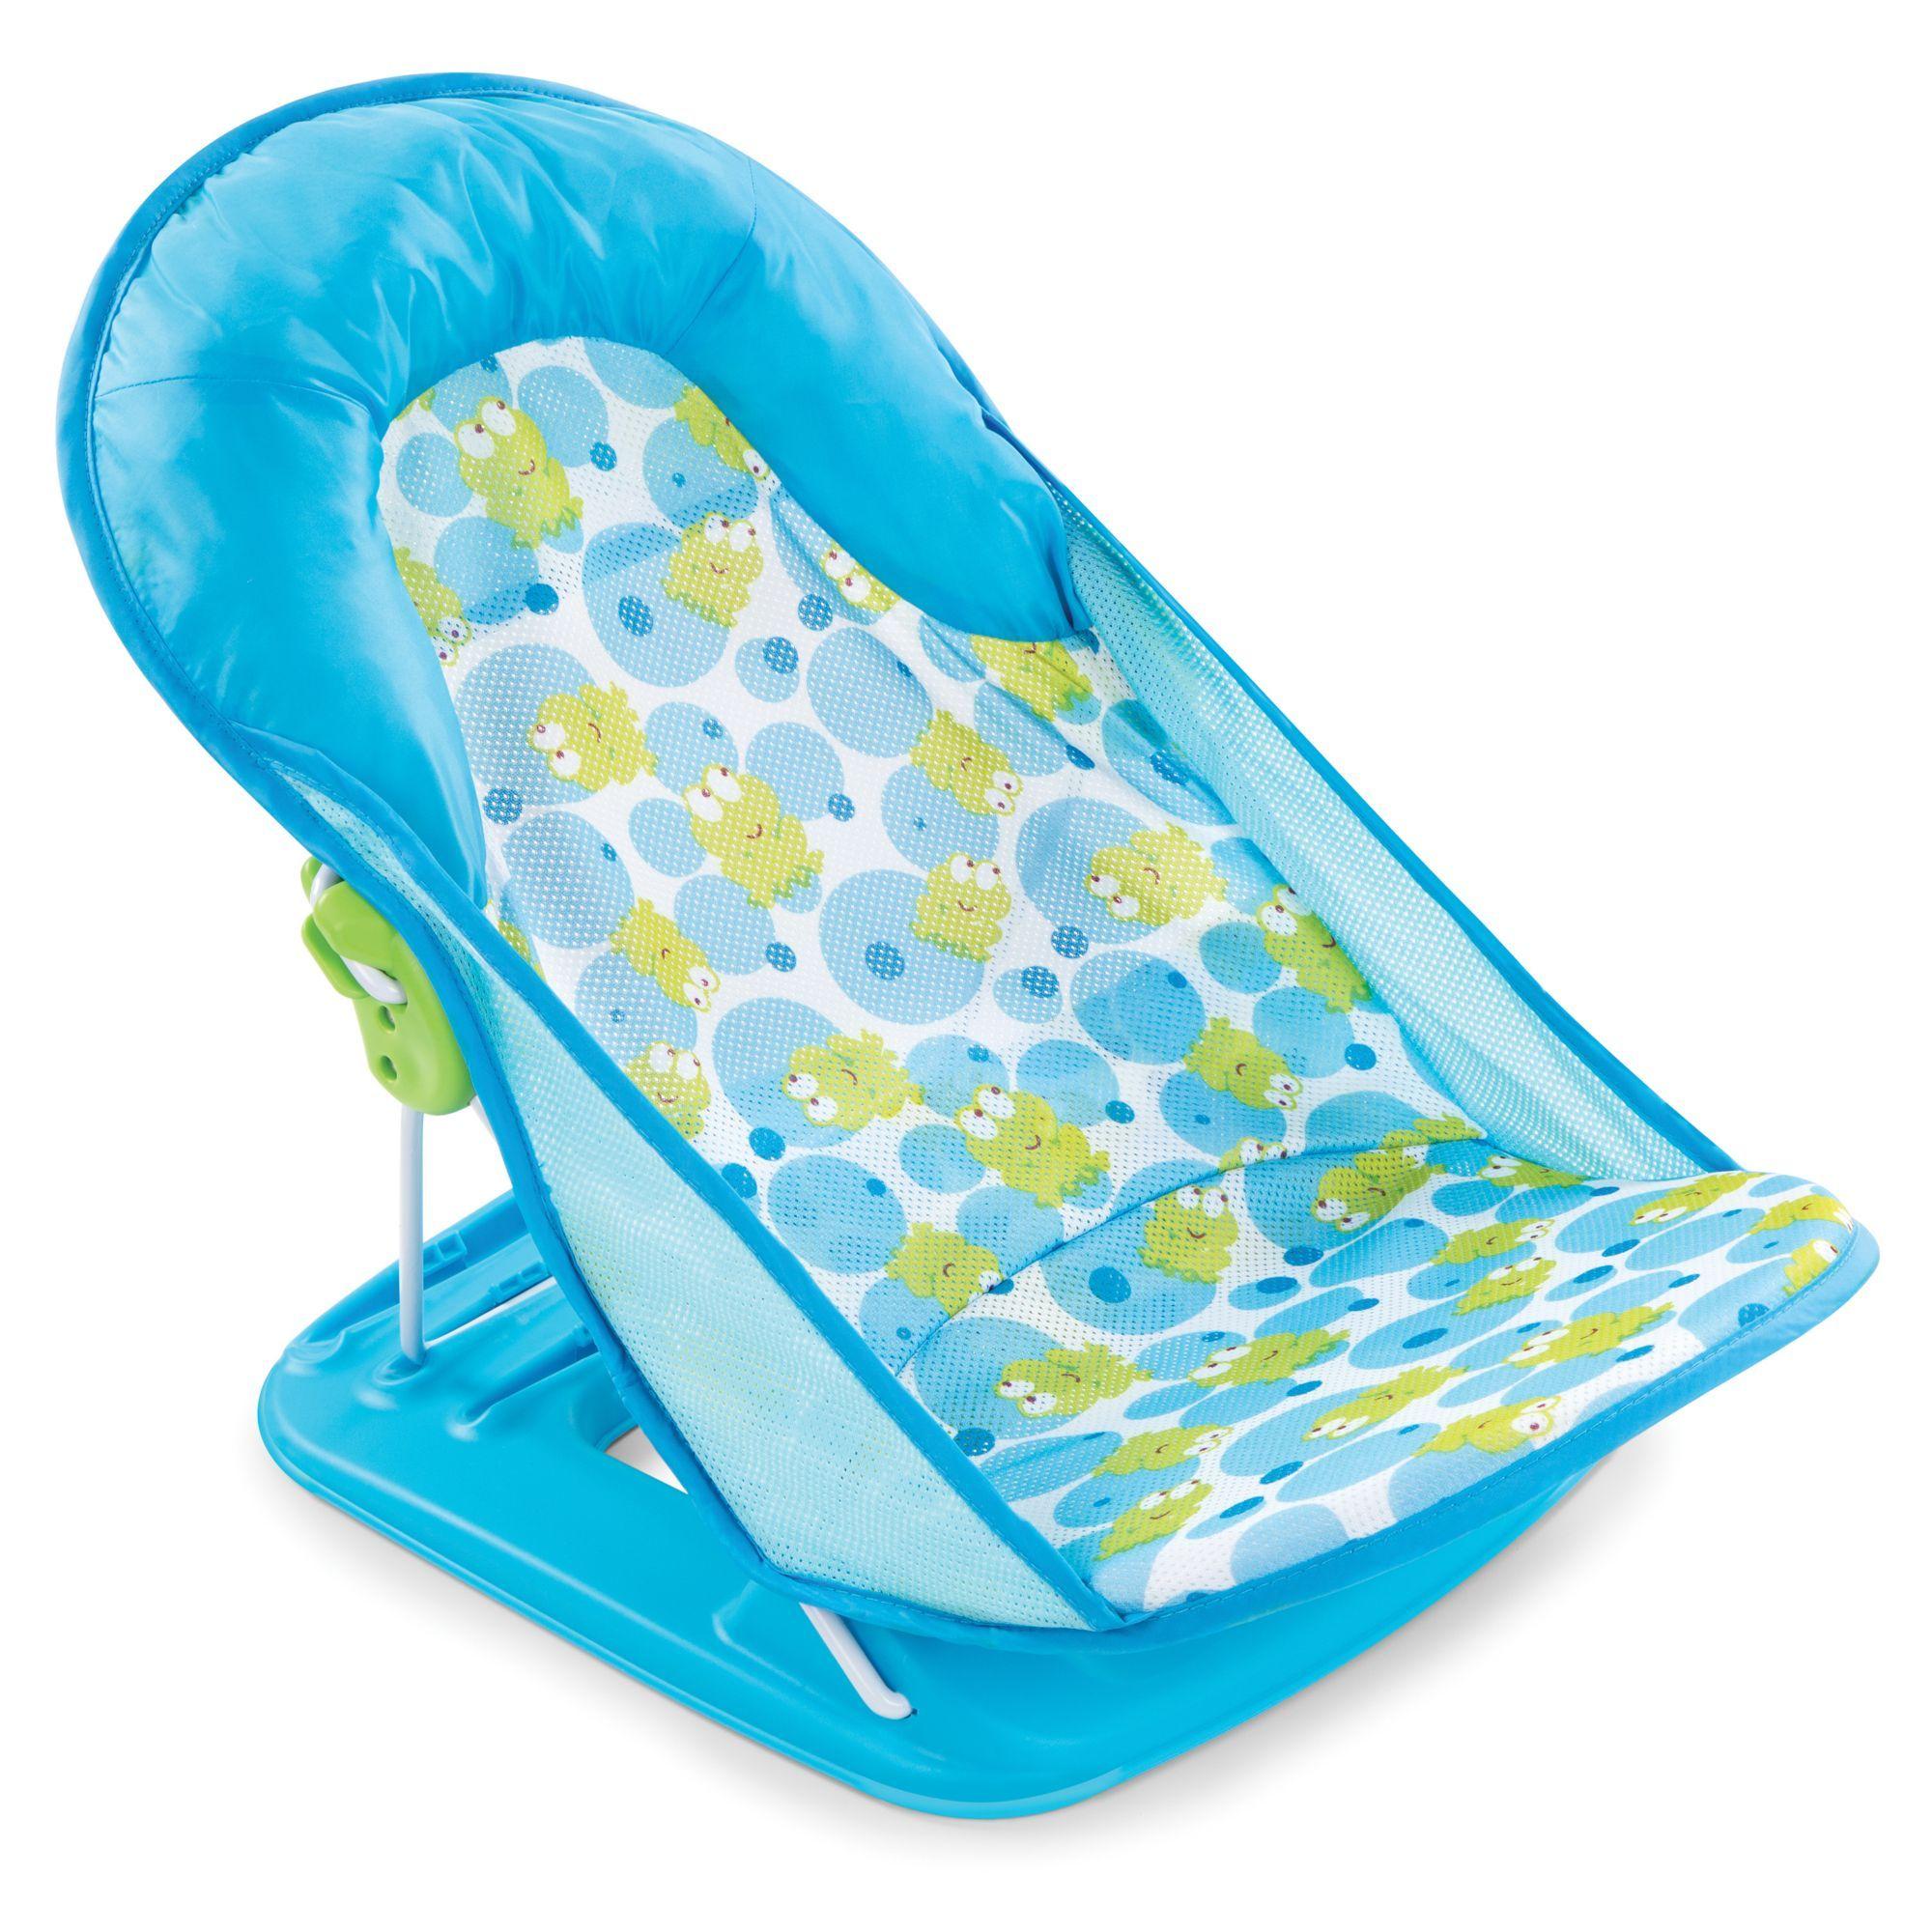 Summer Infant Deluxe Baby Bather- Happy Frog | baby necessities ...